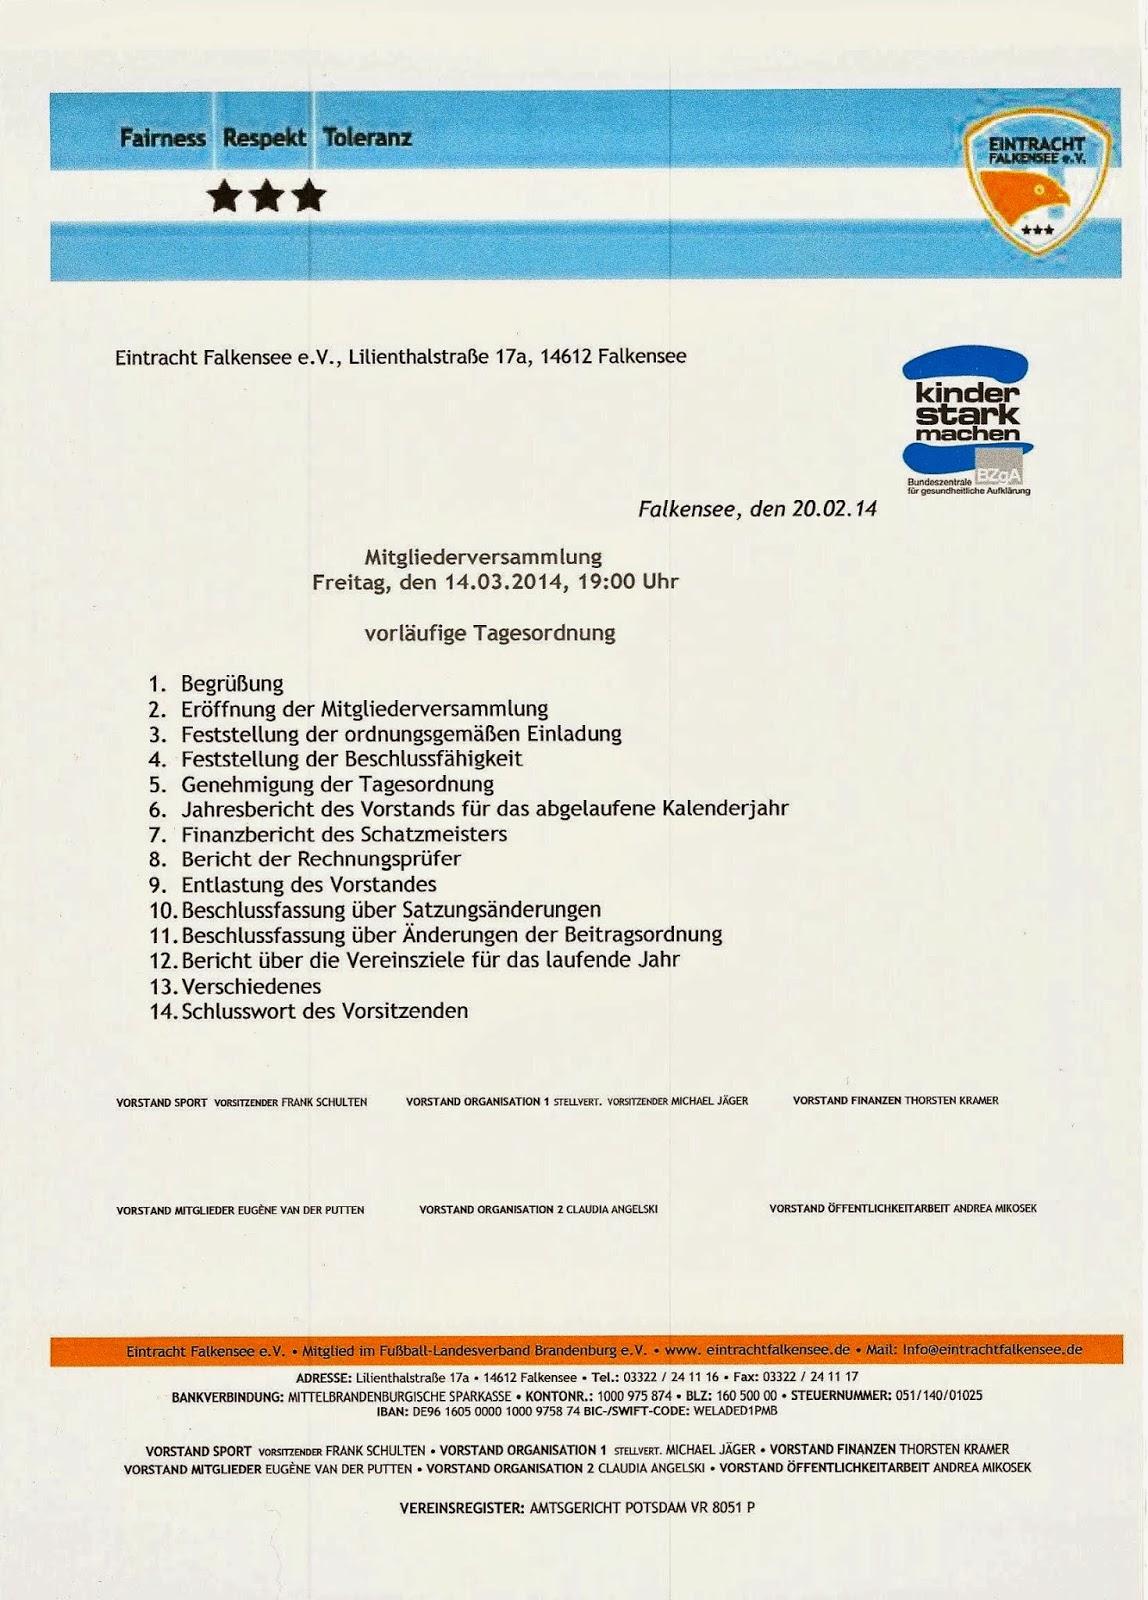 Mitgliederversammlung Einladung Eintracht Falkensee